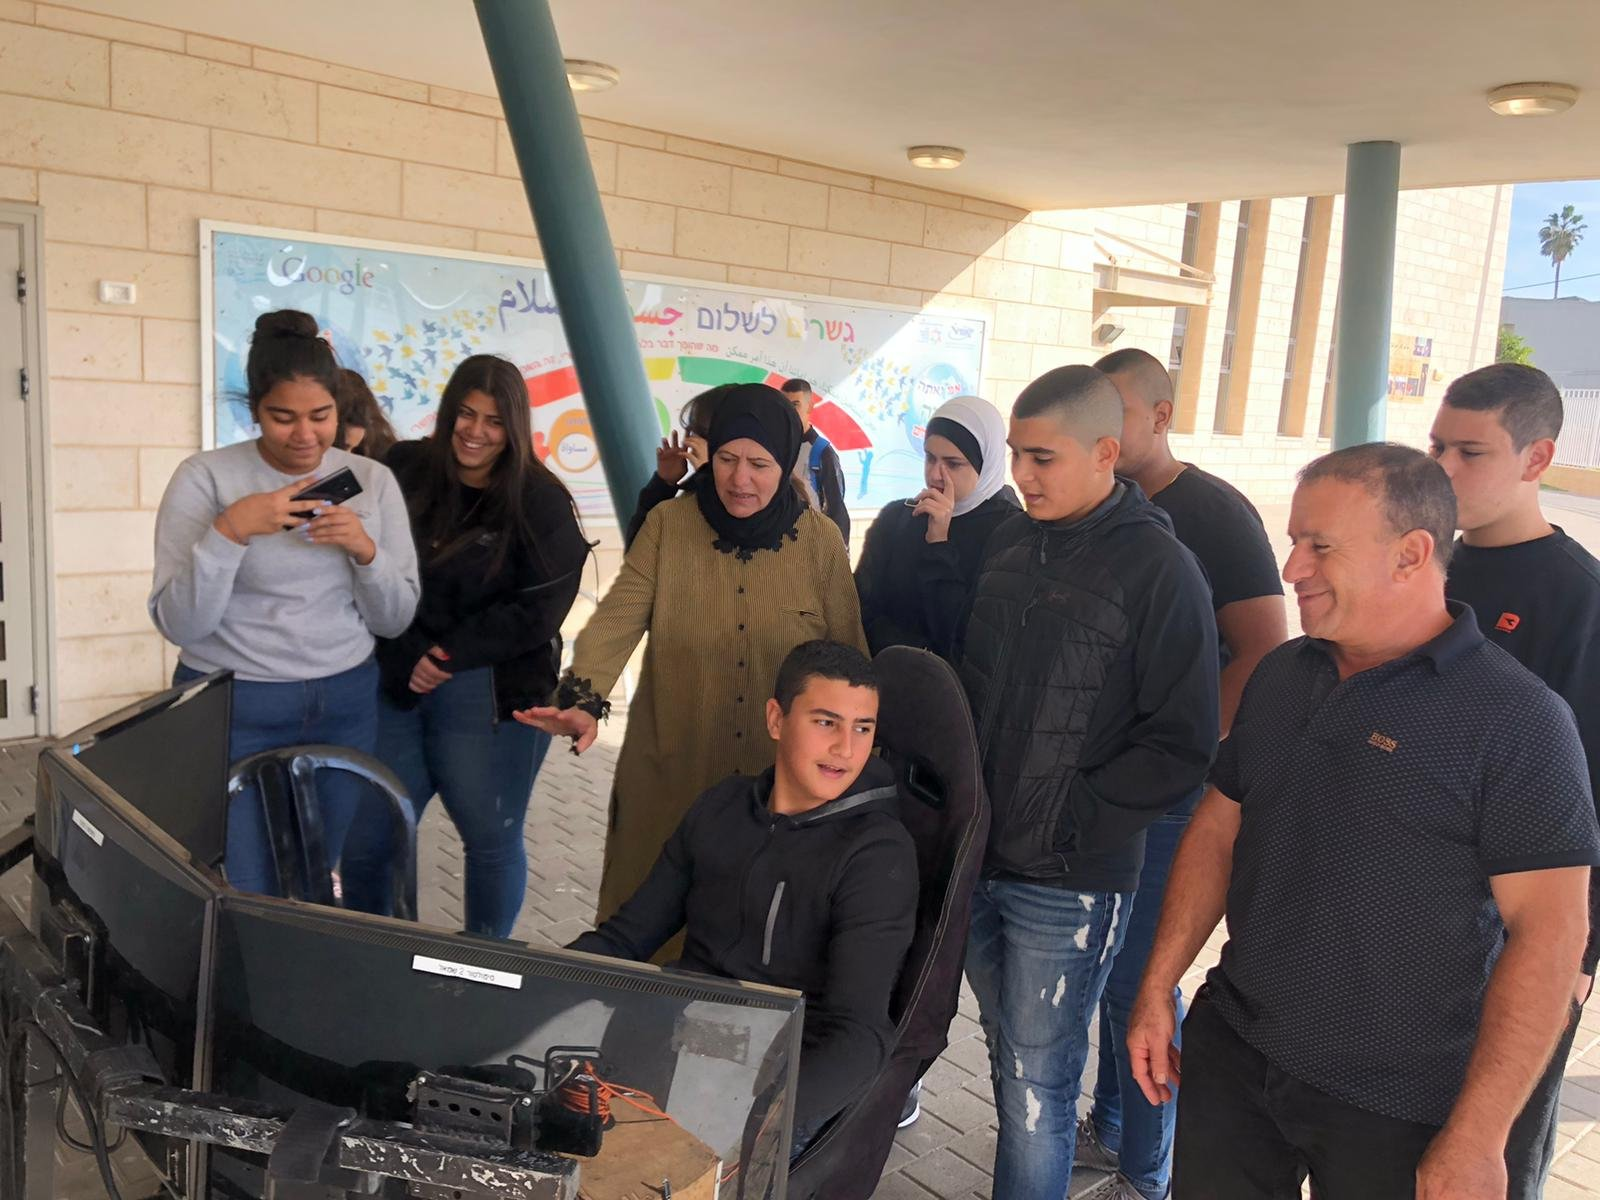 يوم متميز لطلاب العاشر بمدرسة أورط على أسم حلمي الشافعي بعكا،لمشروع الحذر على الطرق